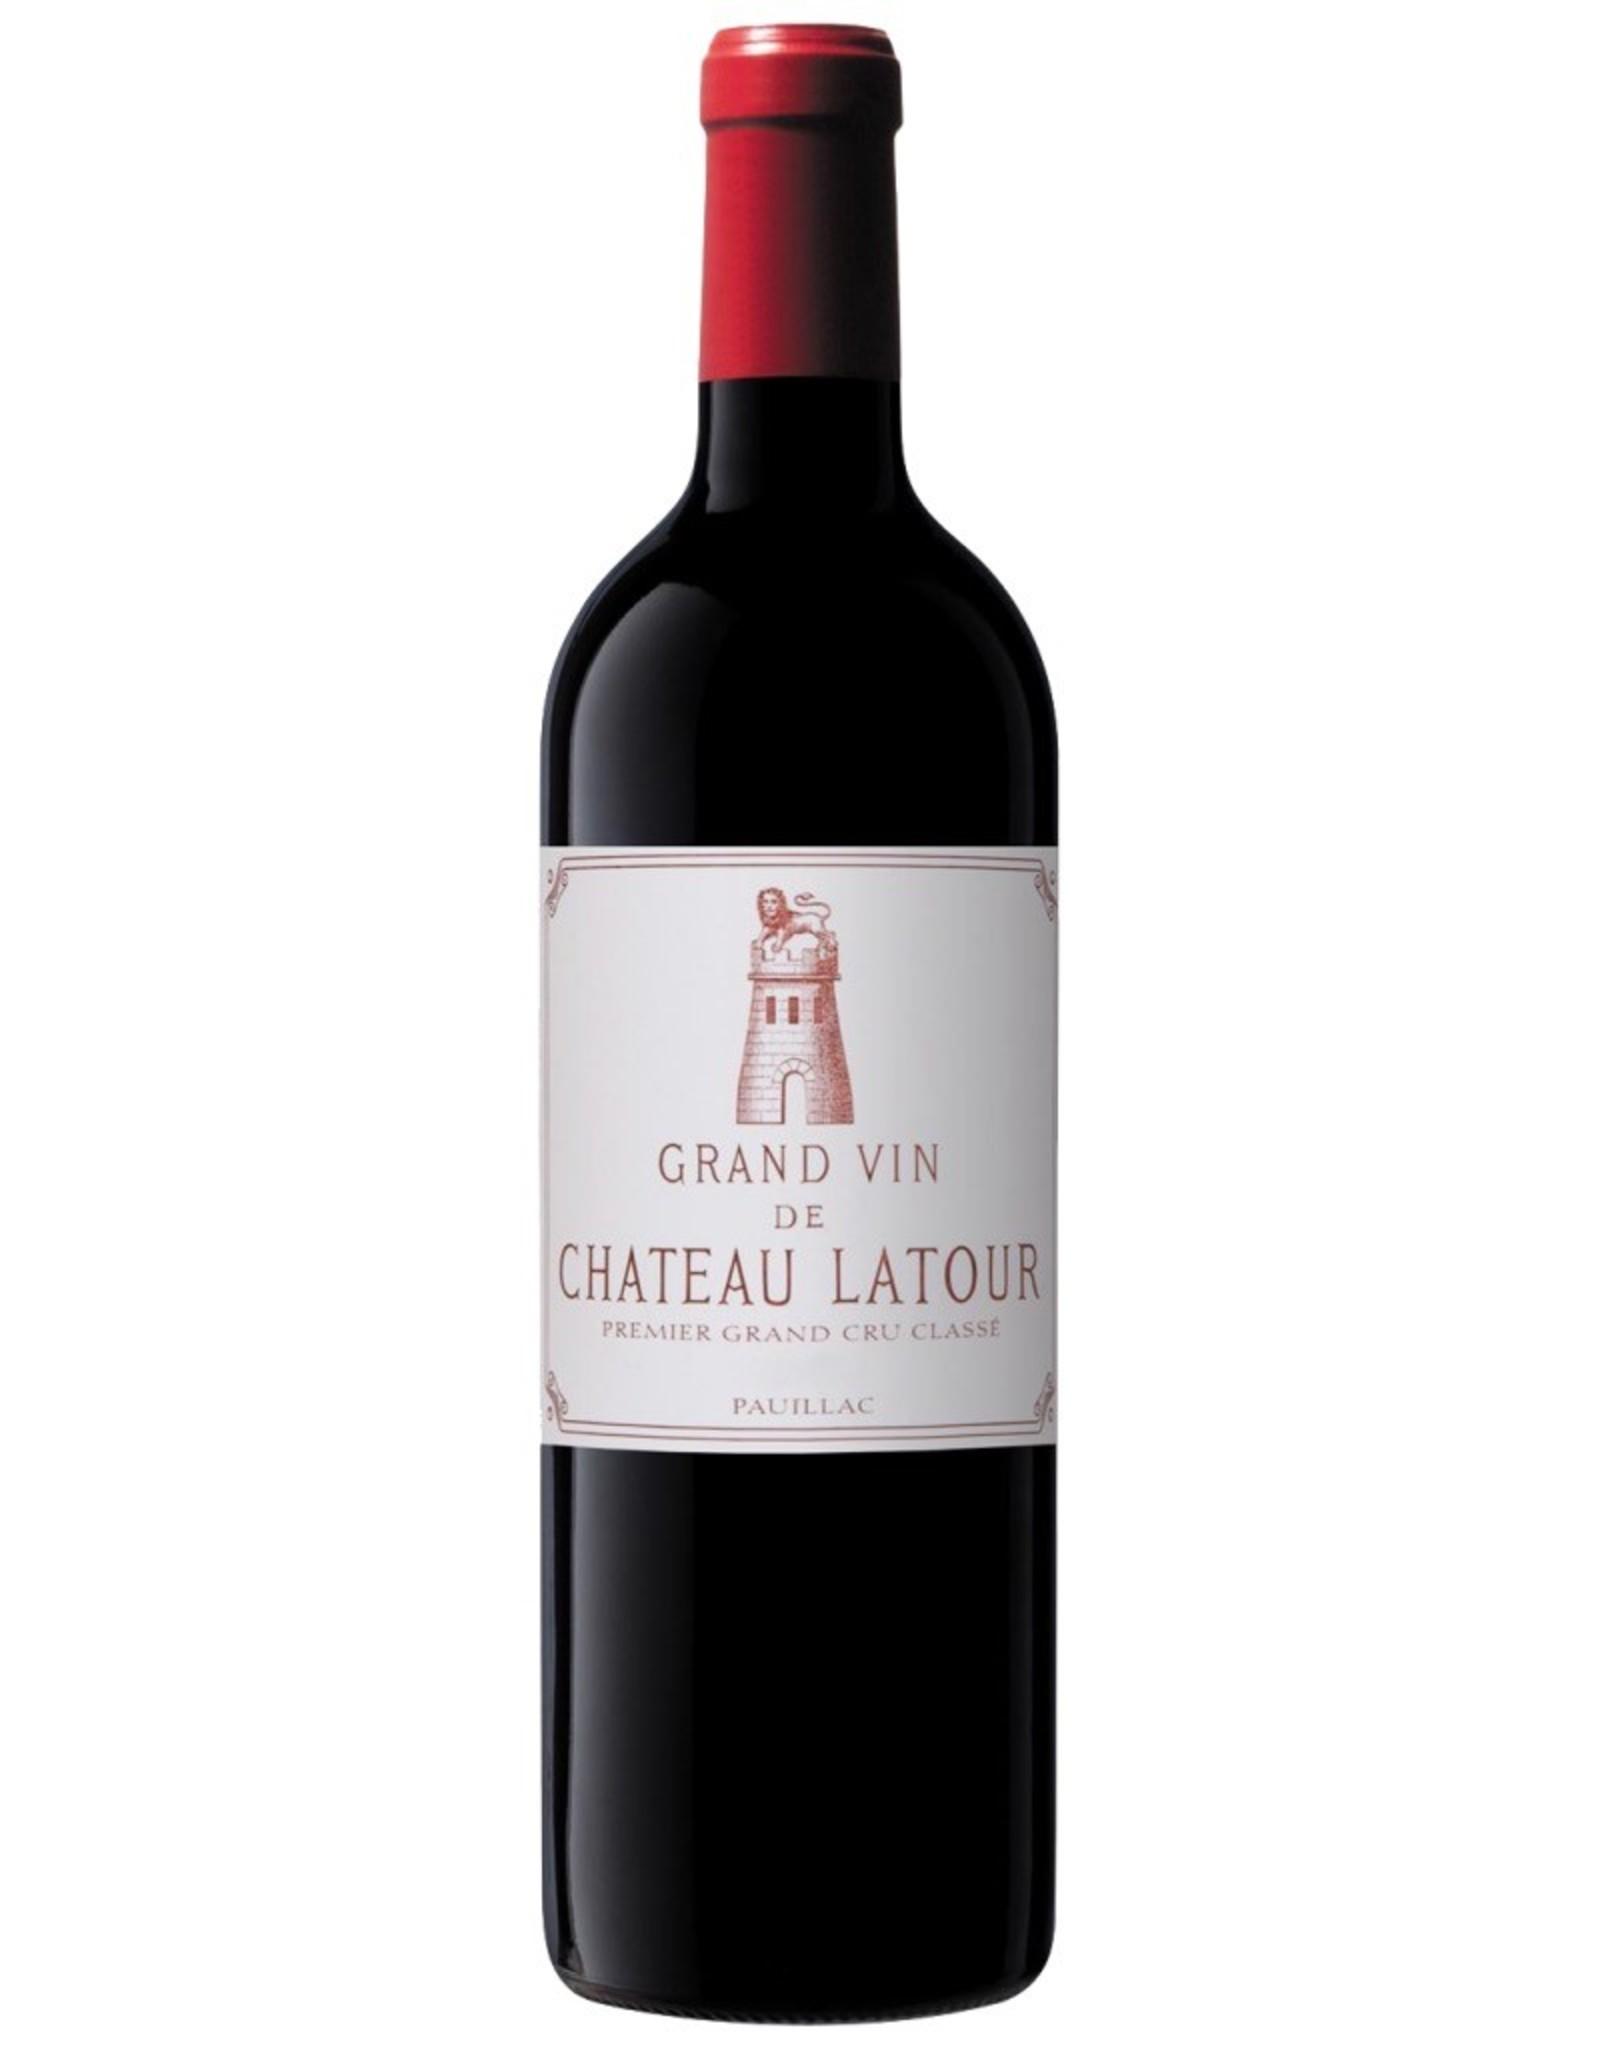 Red Wine 2009, Grand Vin de Chateau Latour 1st Growth Premier Grand Cru Classe, Red Bordeaux Blend, Pauillac, Bordeaux, France, 14% Alc, CT98.6 , JS100 RP100  WE99 WS99